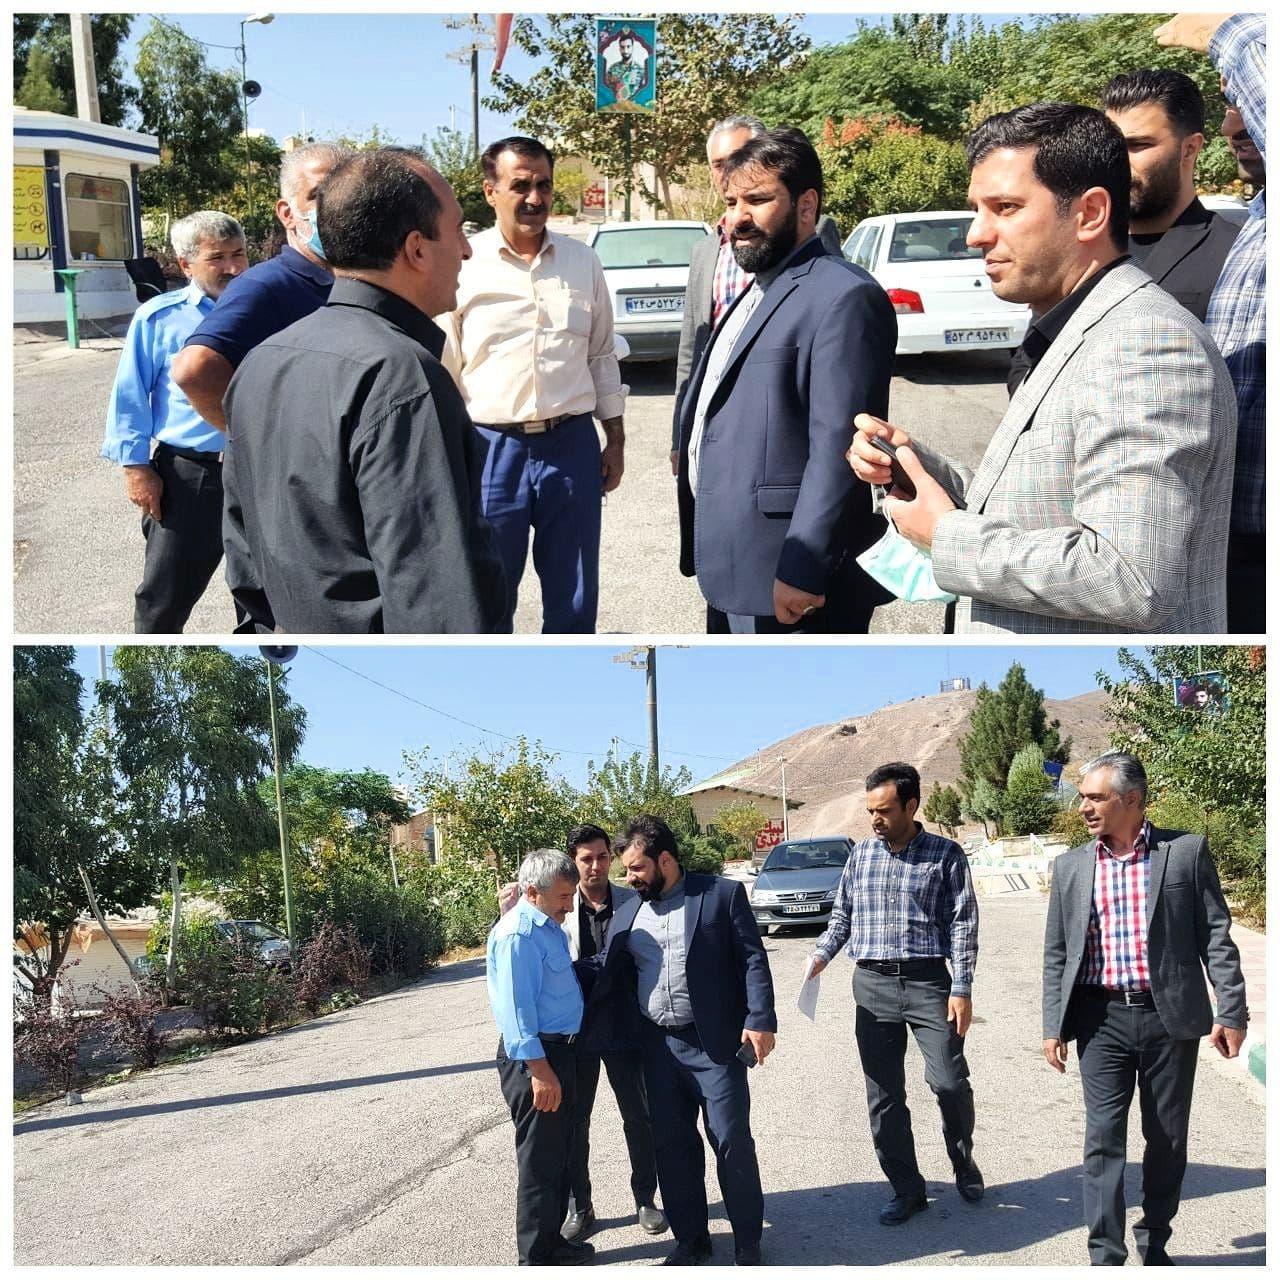 تاکید شهردار پرند بر خدمات رسانی مطلوب به شهروندان بازدید دکتر اله یاری از سطح شهر و پارک کوهسار